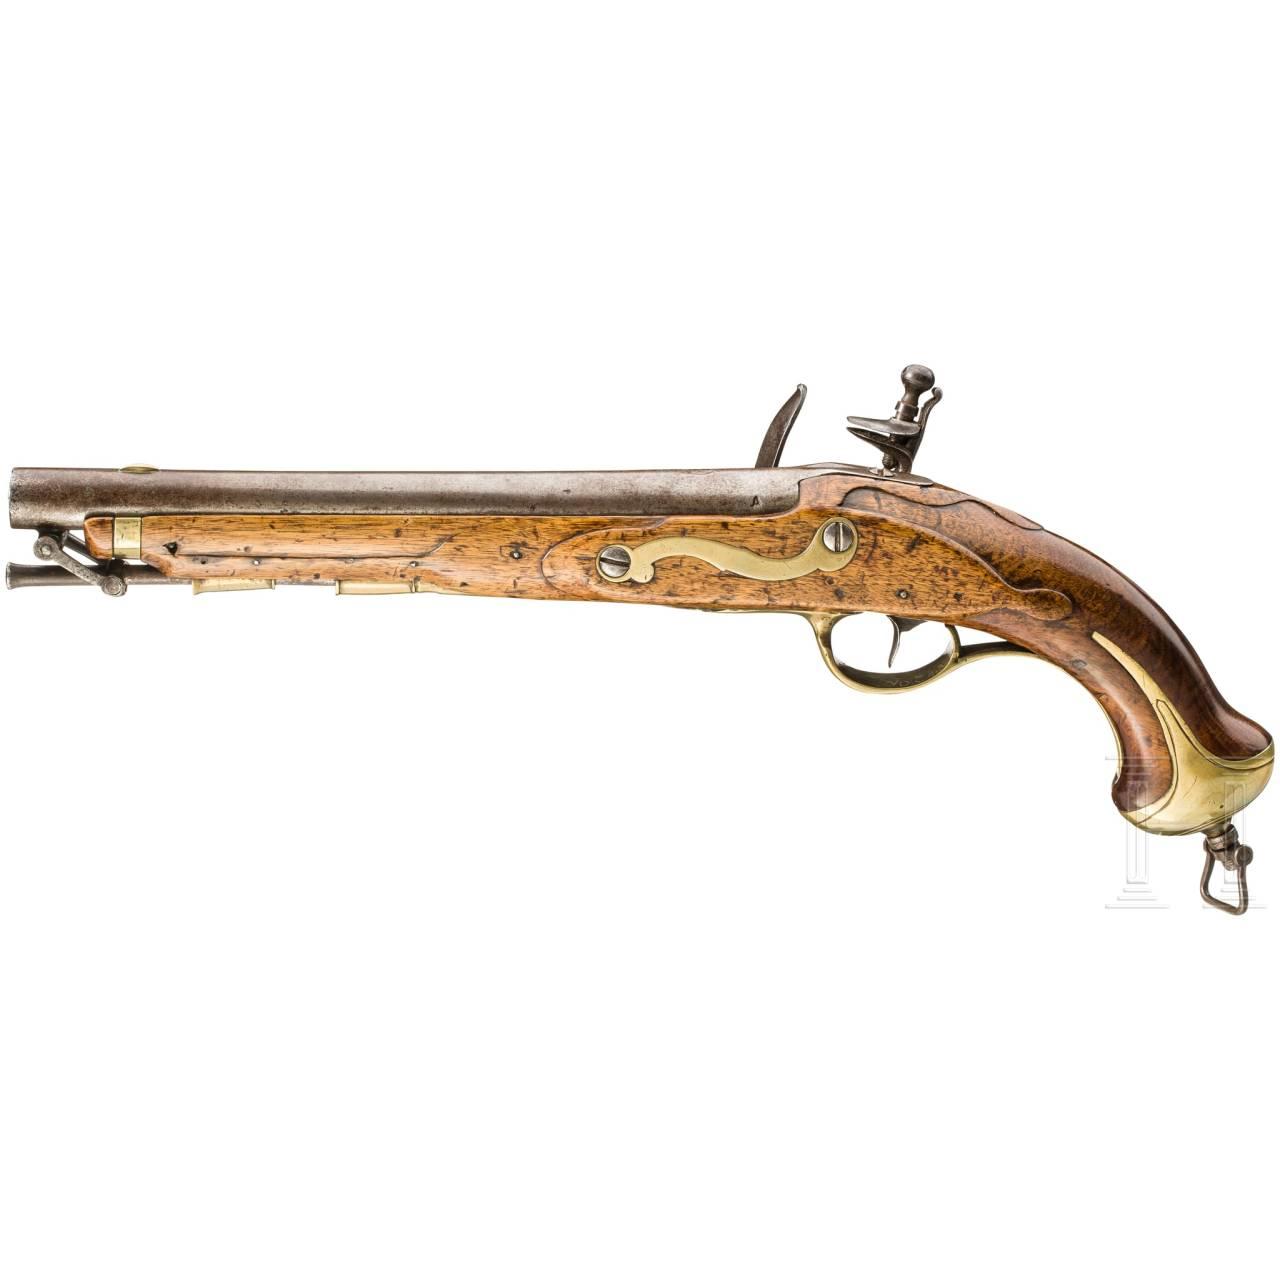 Steinschloss-Kavalleriepistole M 1789, Fertigung Anschütz in Suhl